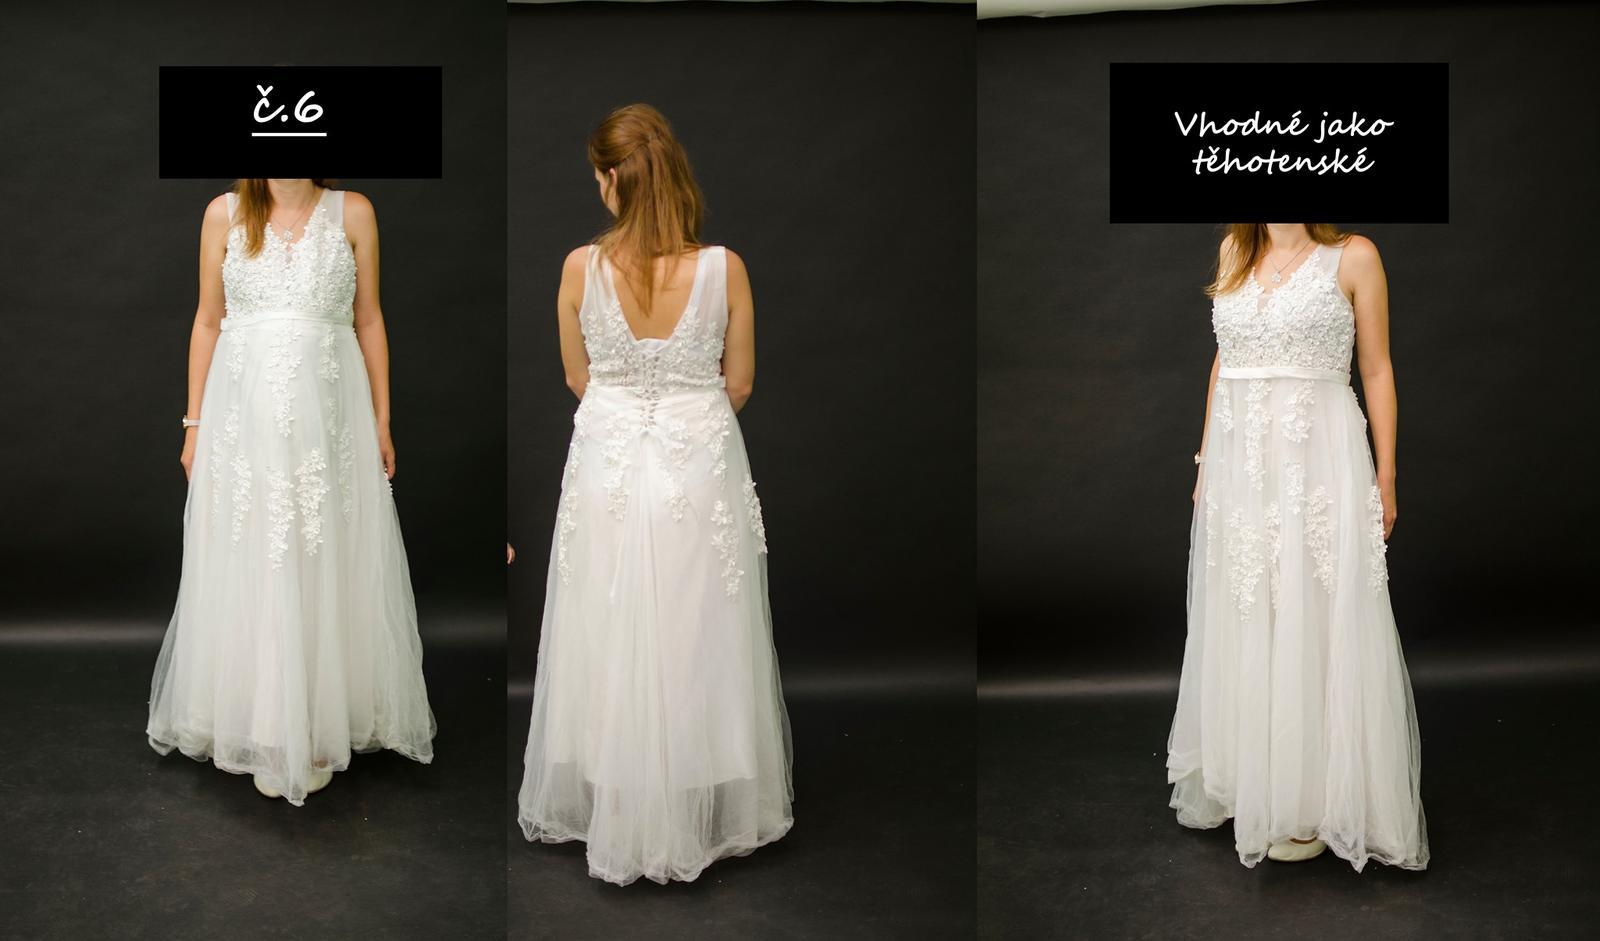 Těhotenské svatební šaty - Obrázek č. 1